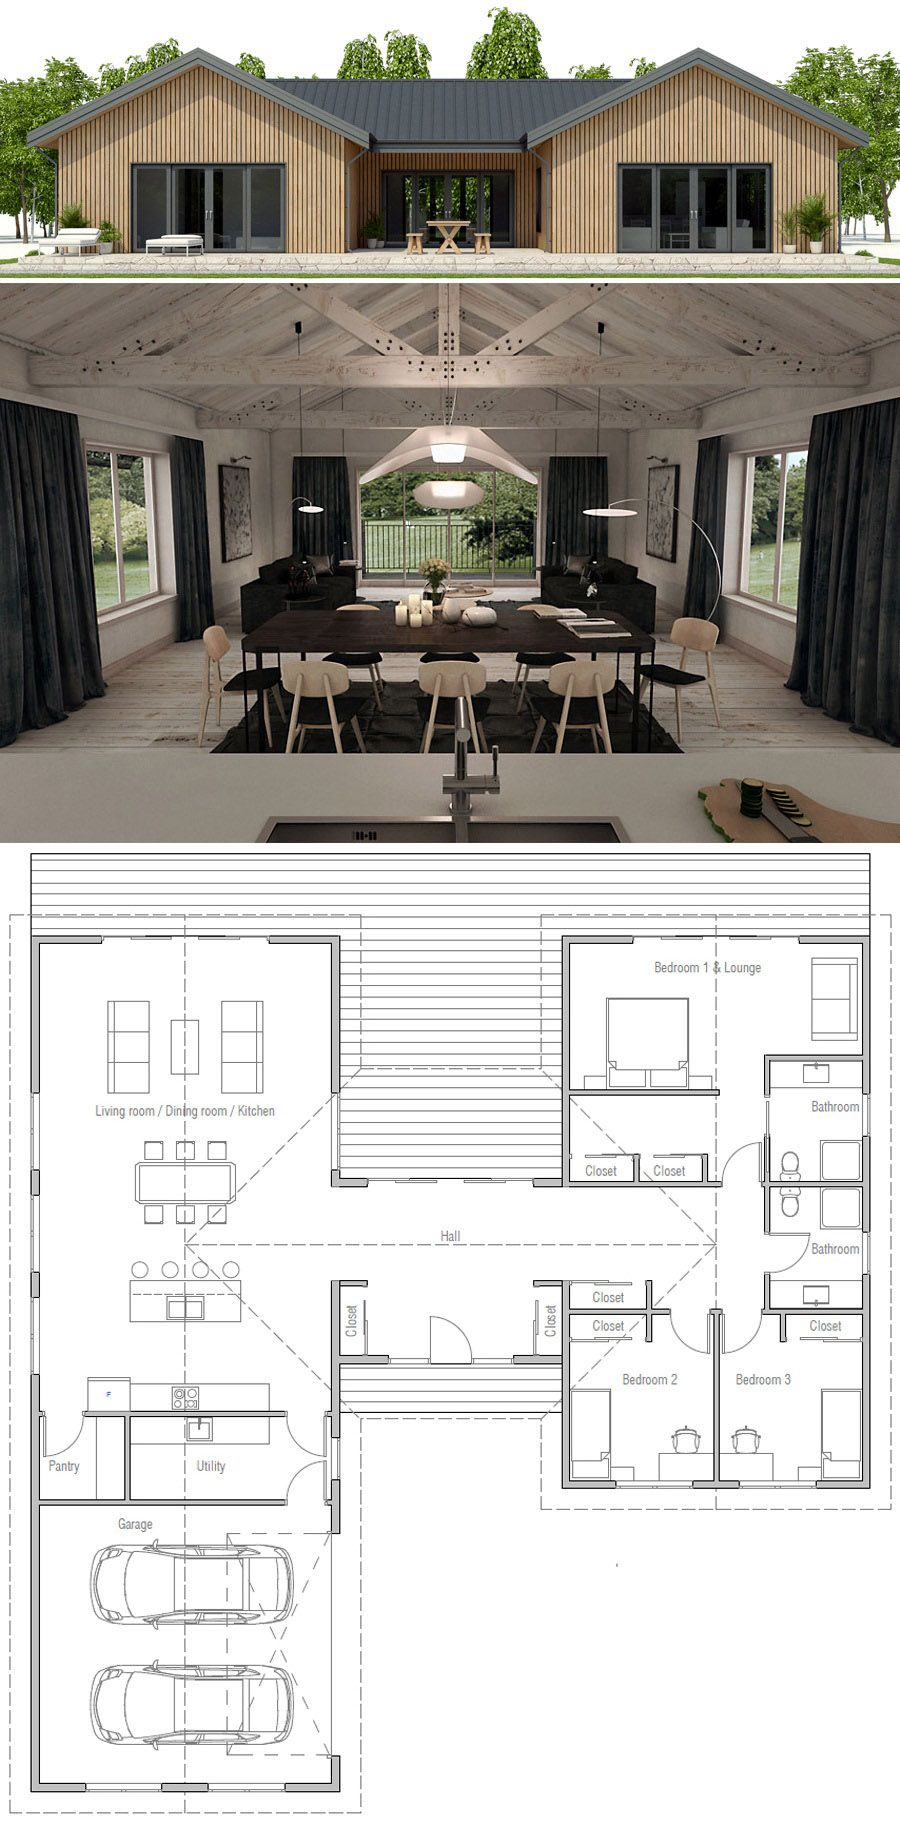 Kleines Haus | Kleine Häuser | Pinterest | House, Architecture and ...